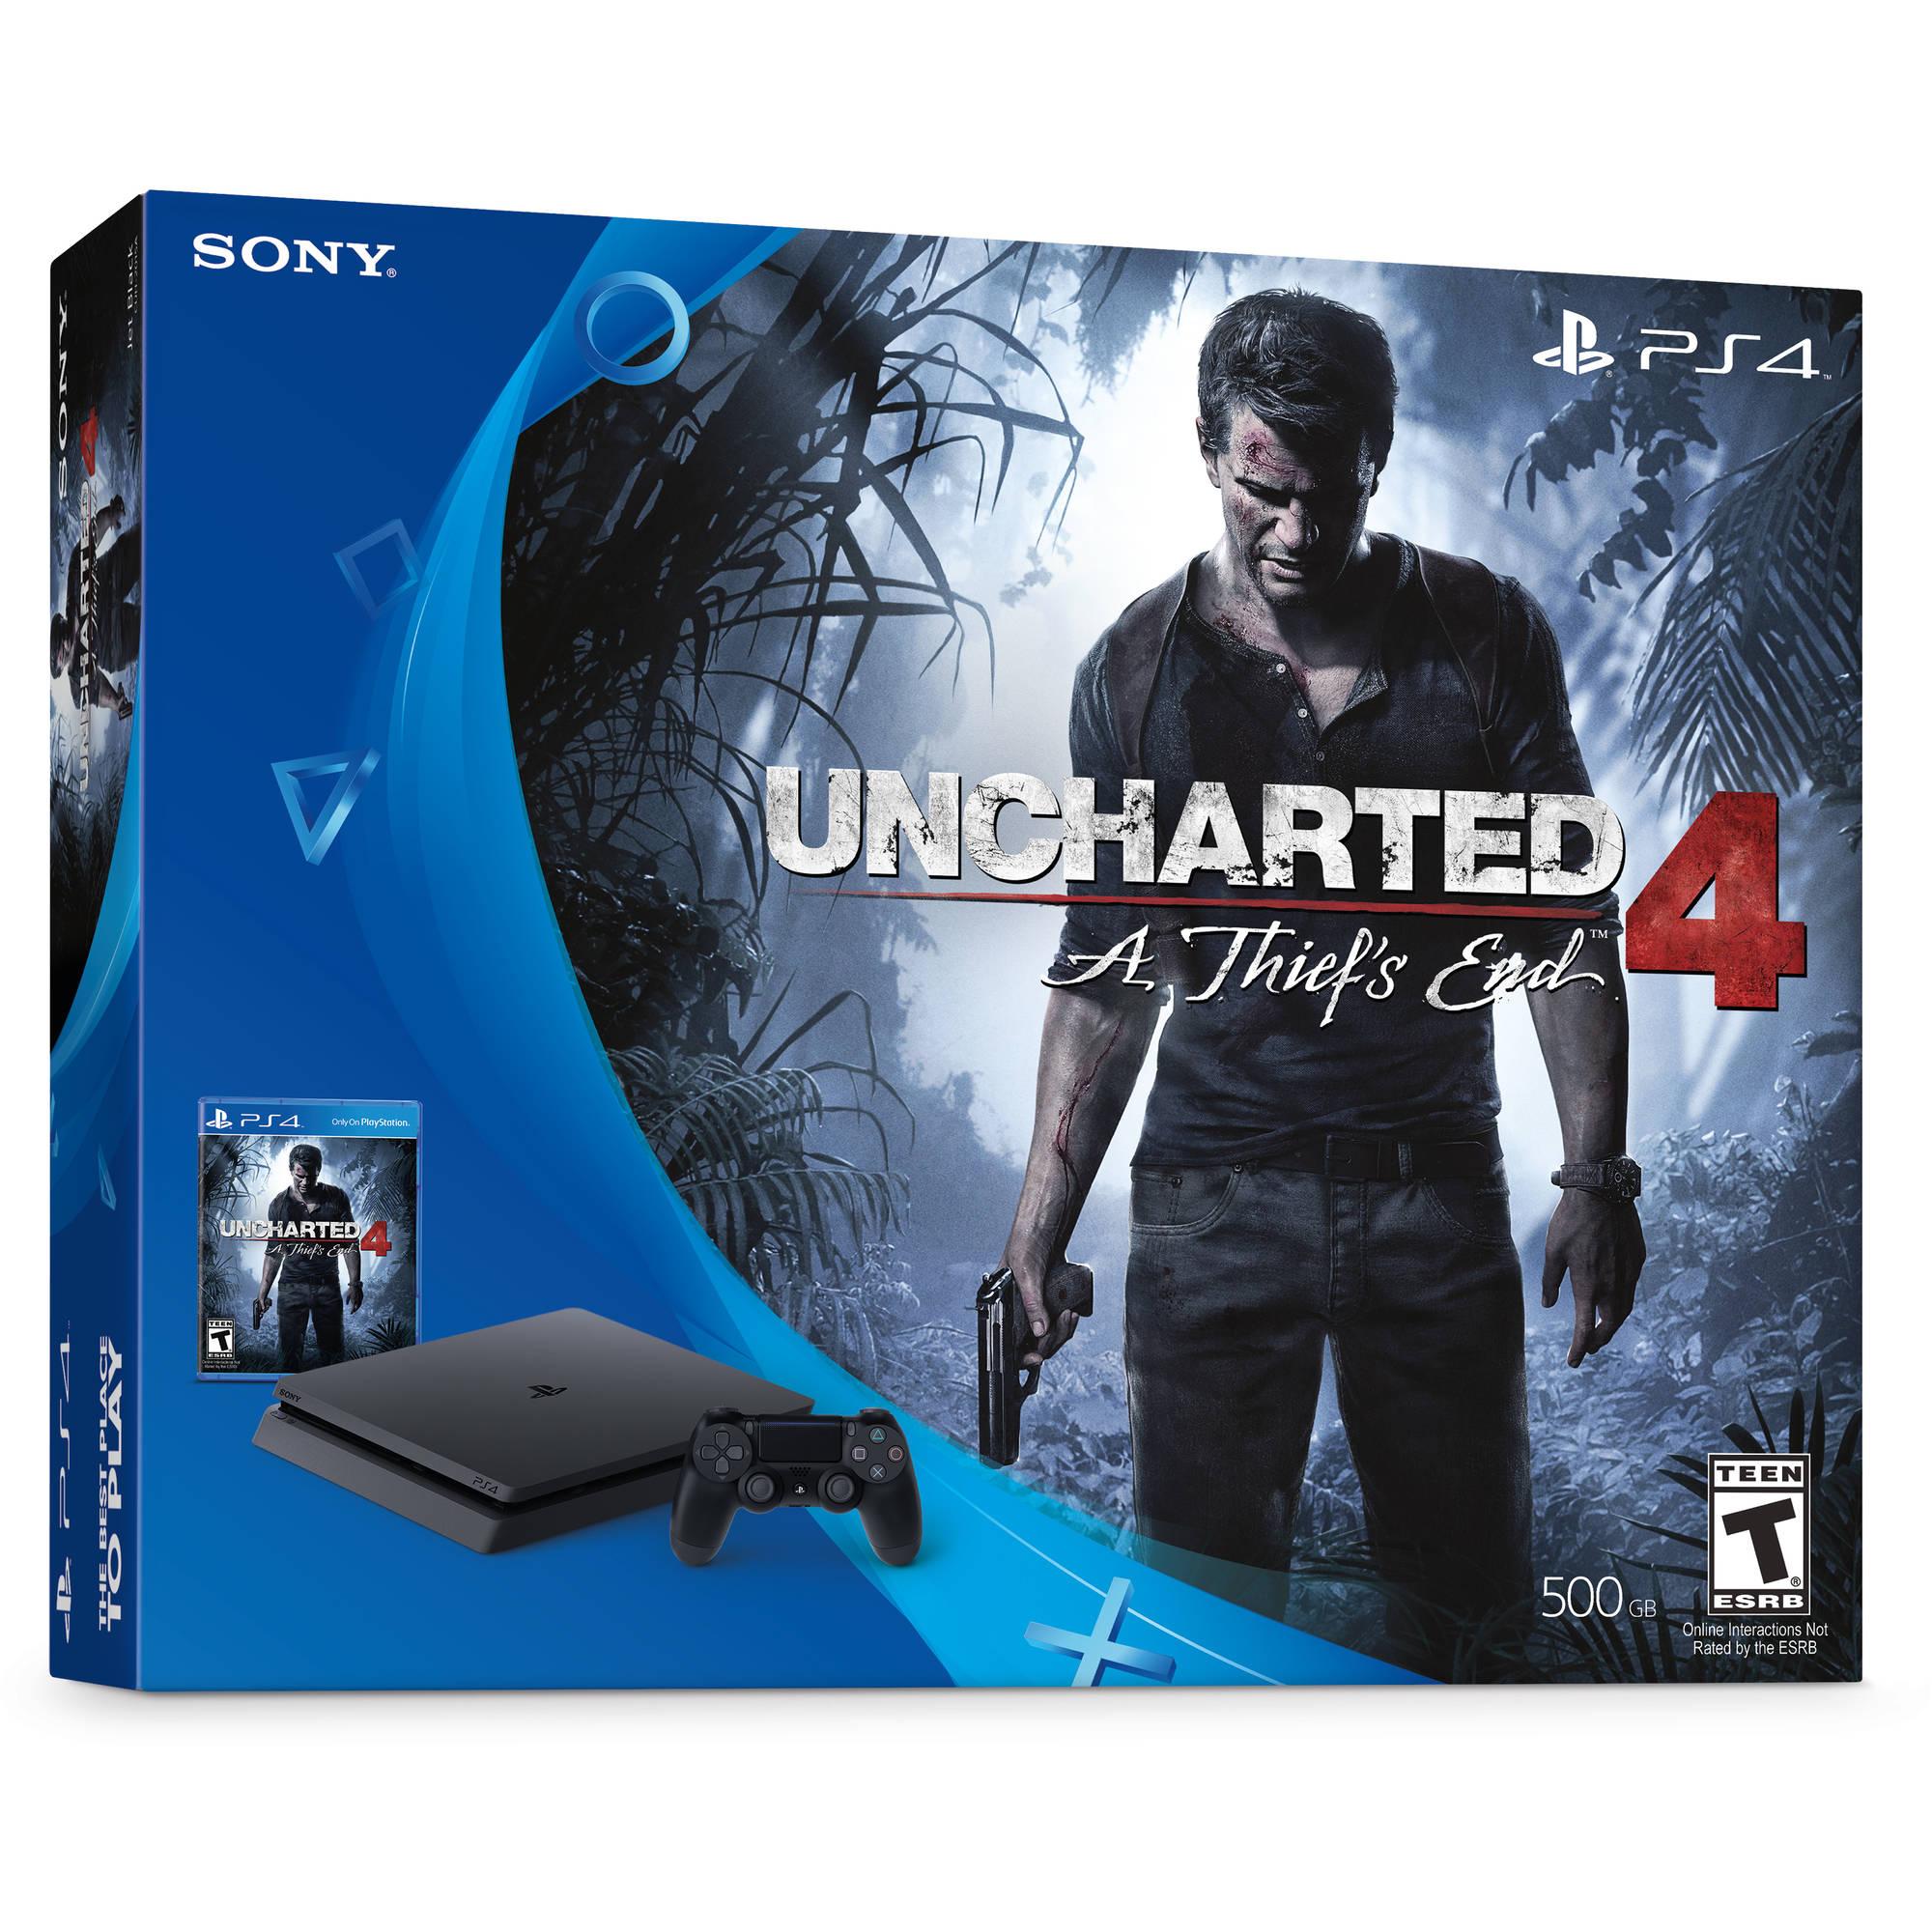 Sony PlayStation 4 Slim 500GB Uncharted 4 Bundle, Black, 3001504